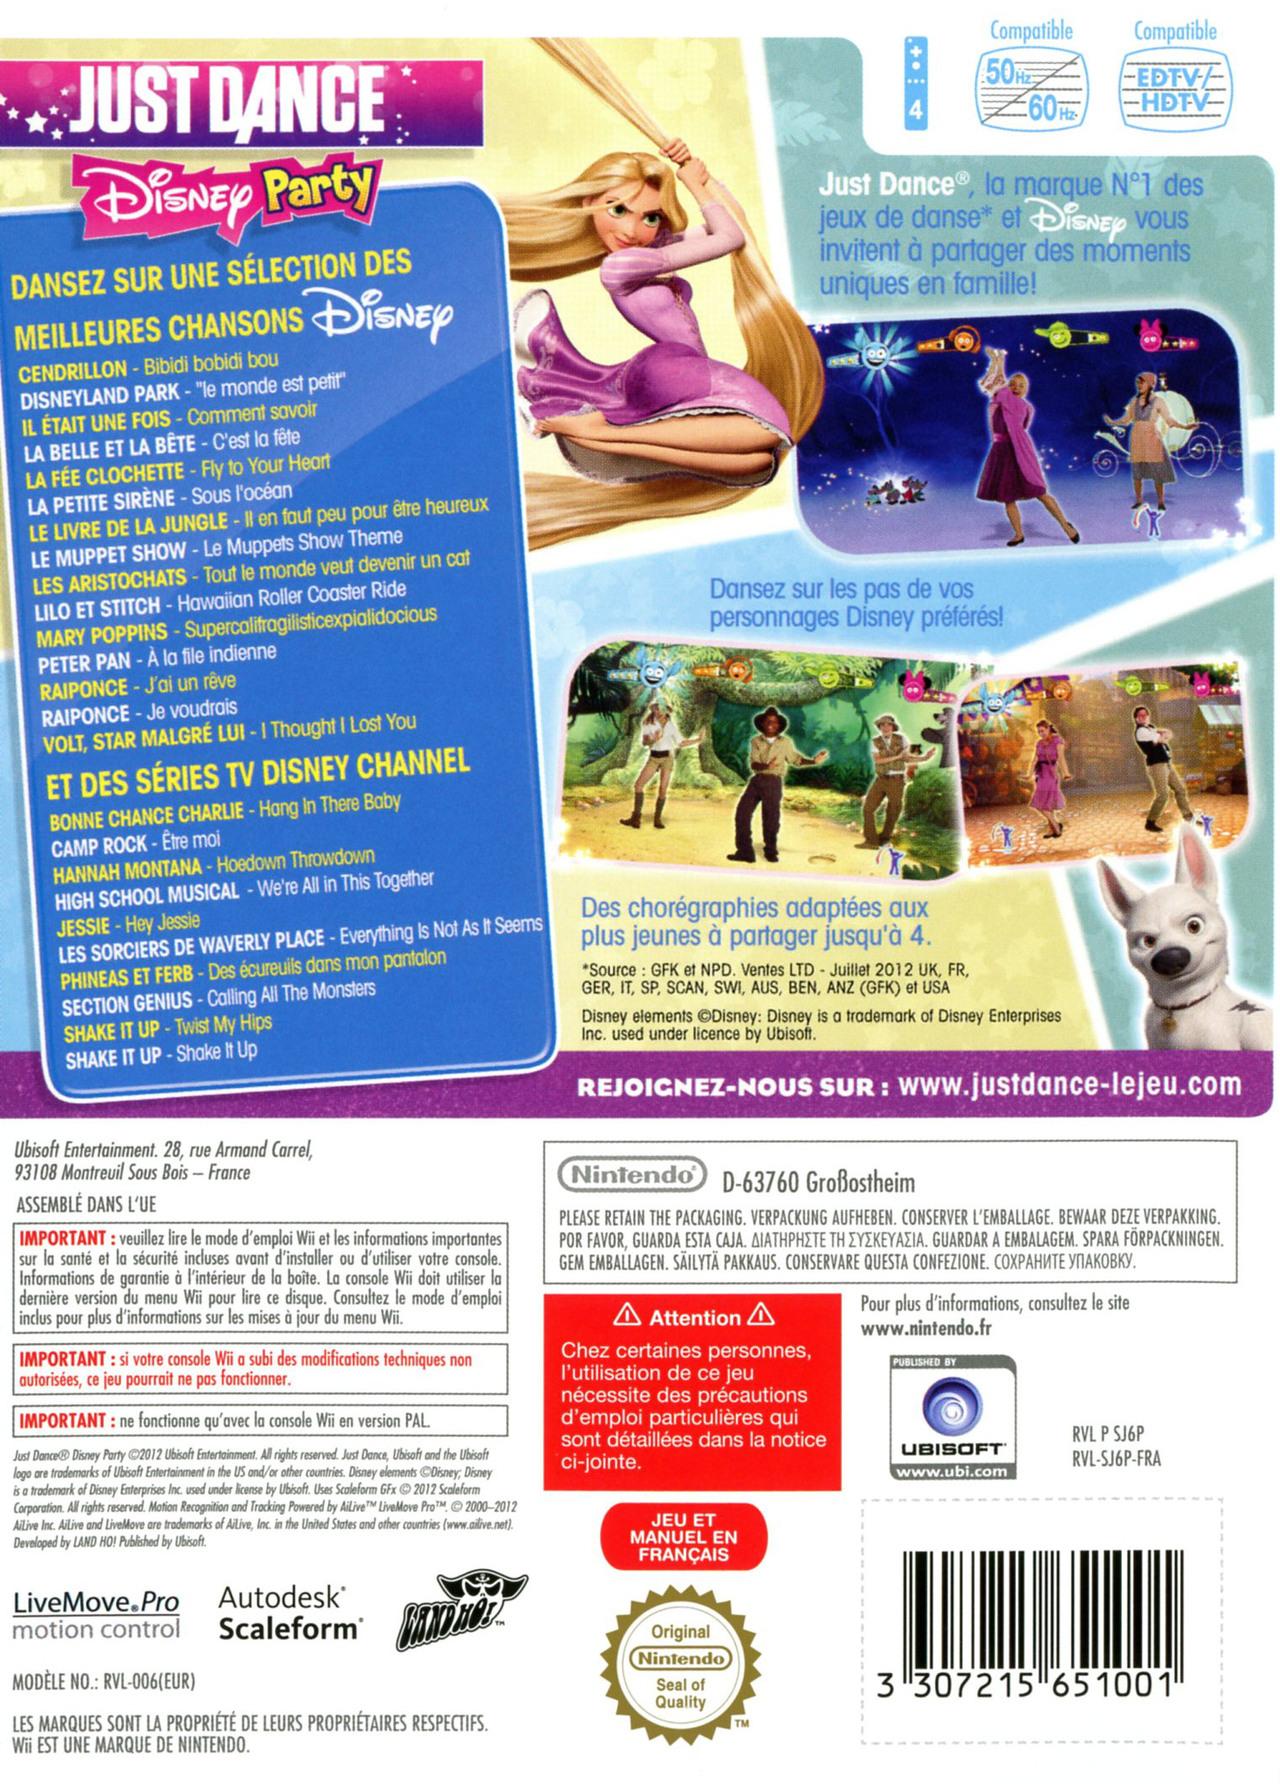 jeuxvideo.com Just Dance : Disney Party - Wii Image 2 sur 94